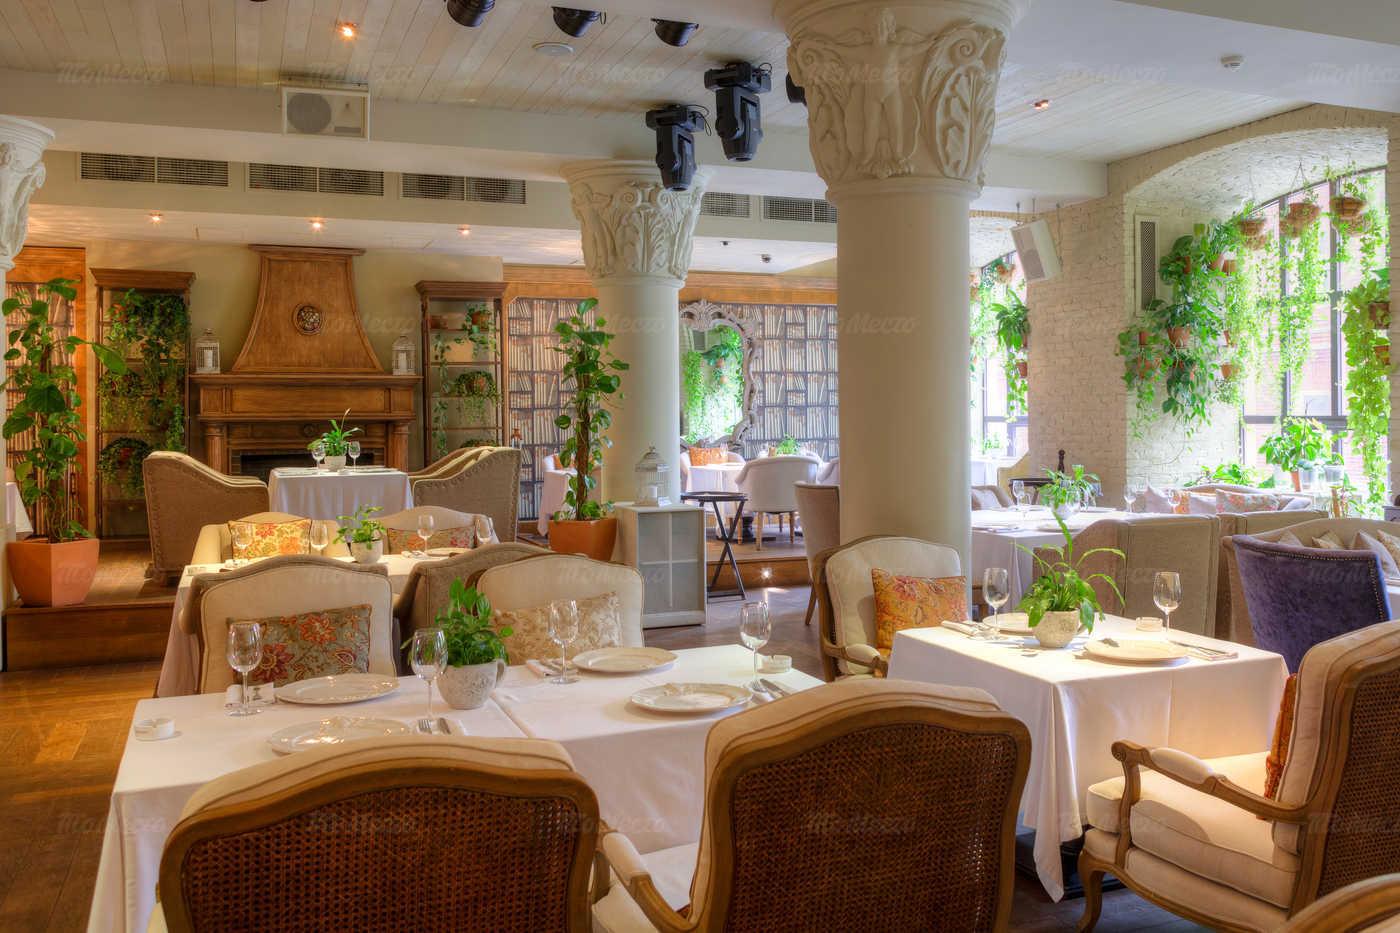 Ресторан The Сад. Москва Якиманская наб., д. 4, с. 1